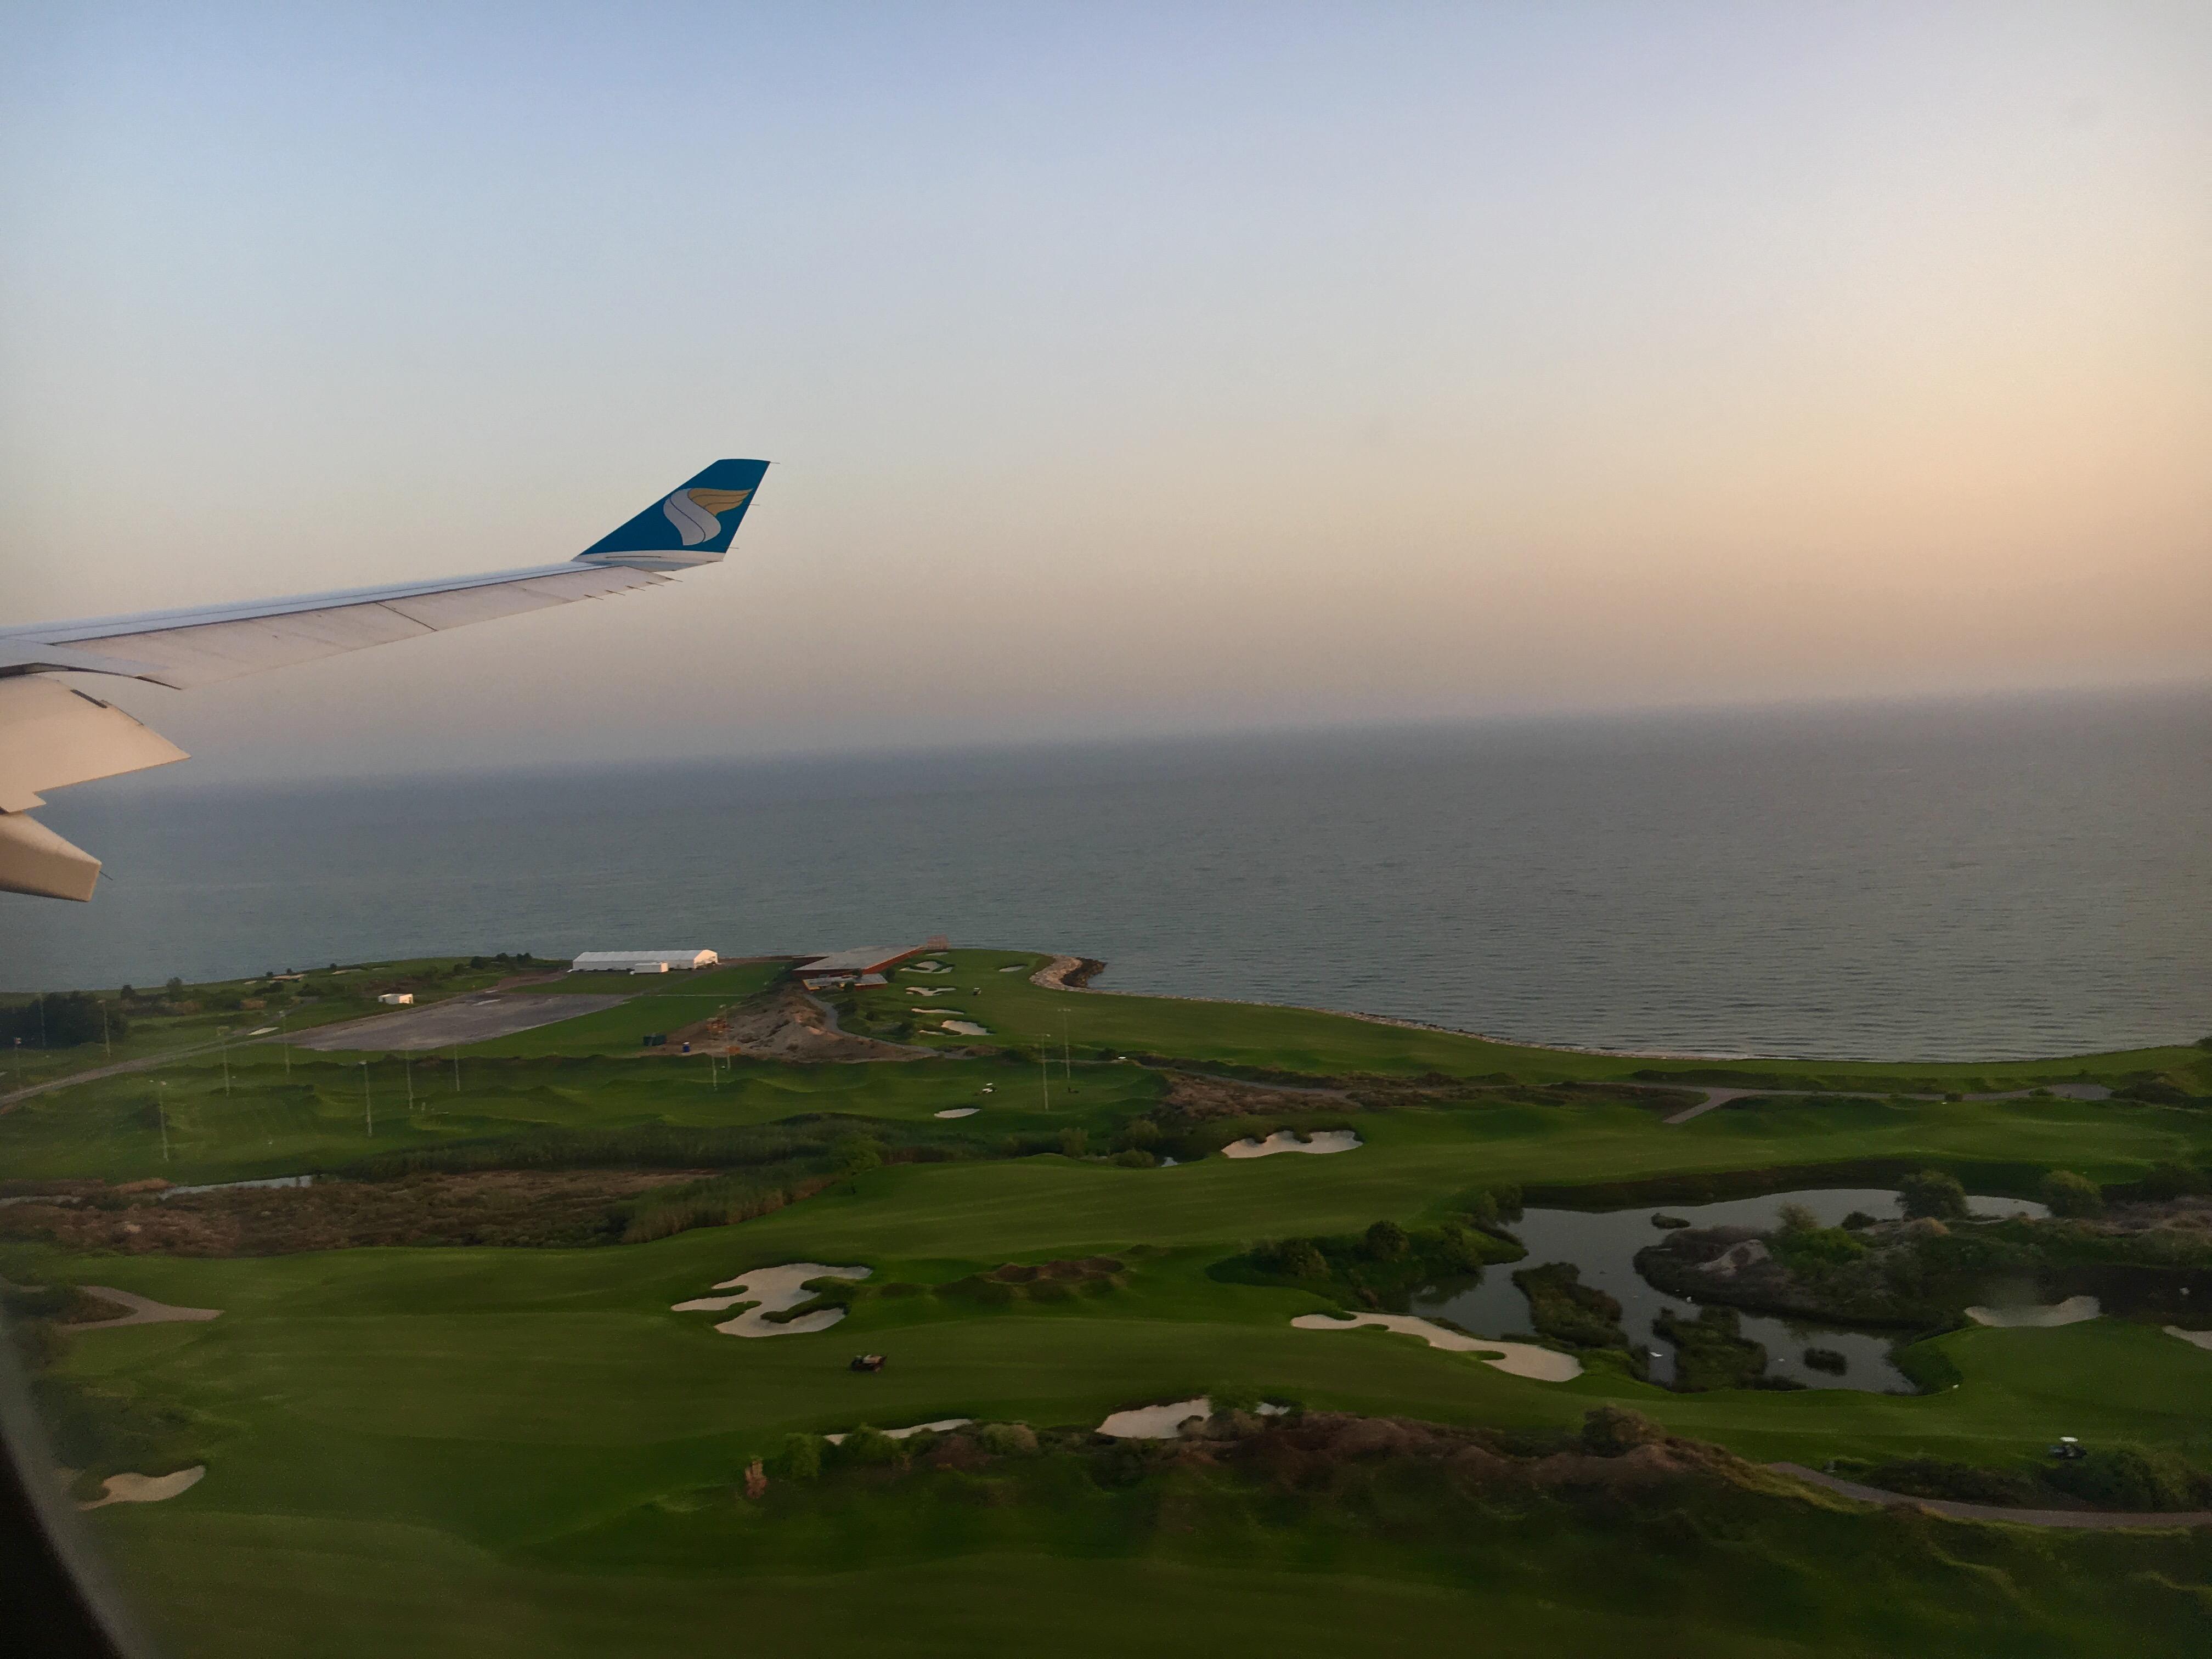 Lądowanie w Omanie